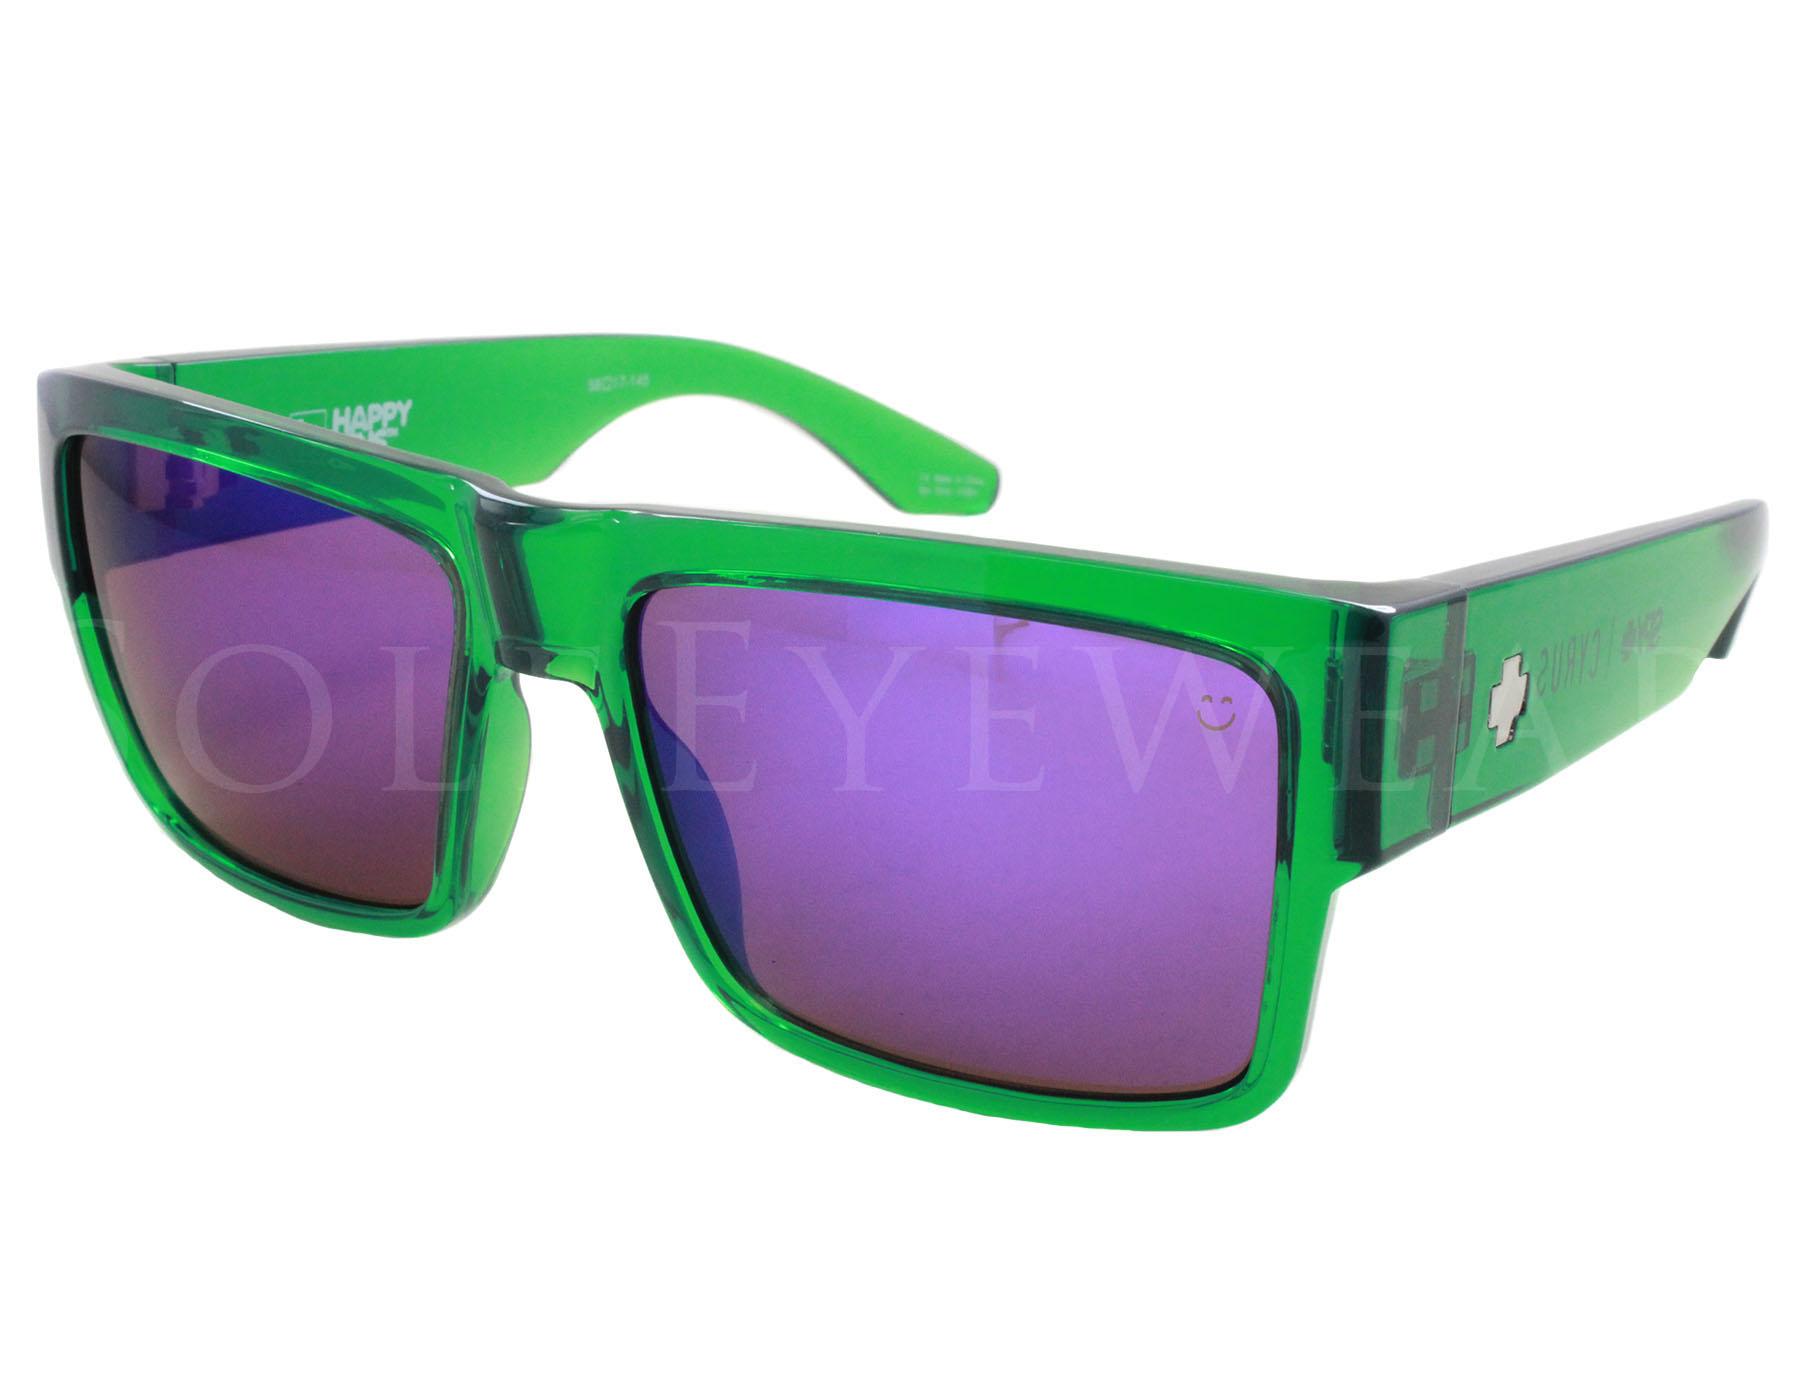 Spy Herren Sonnenbrille Cyrus Trans Green w20w4L